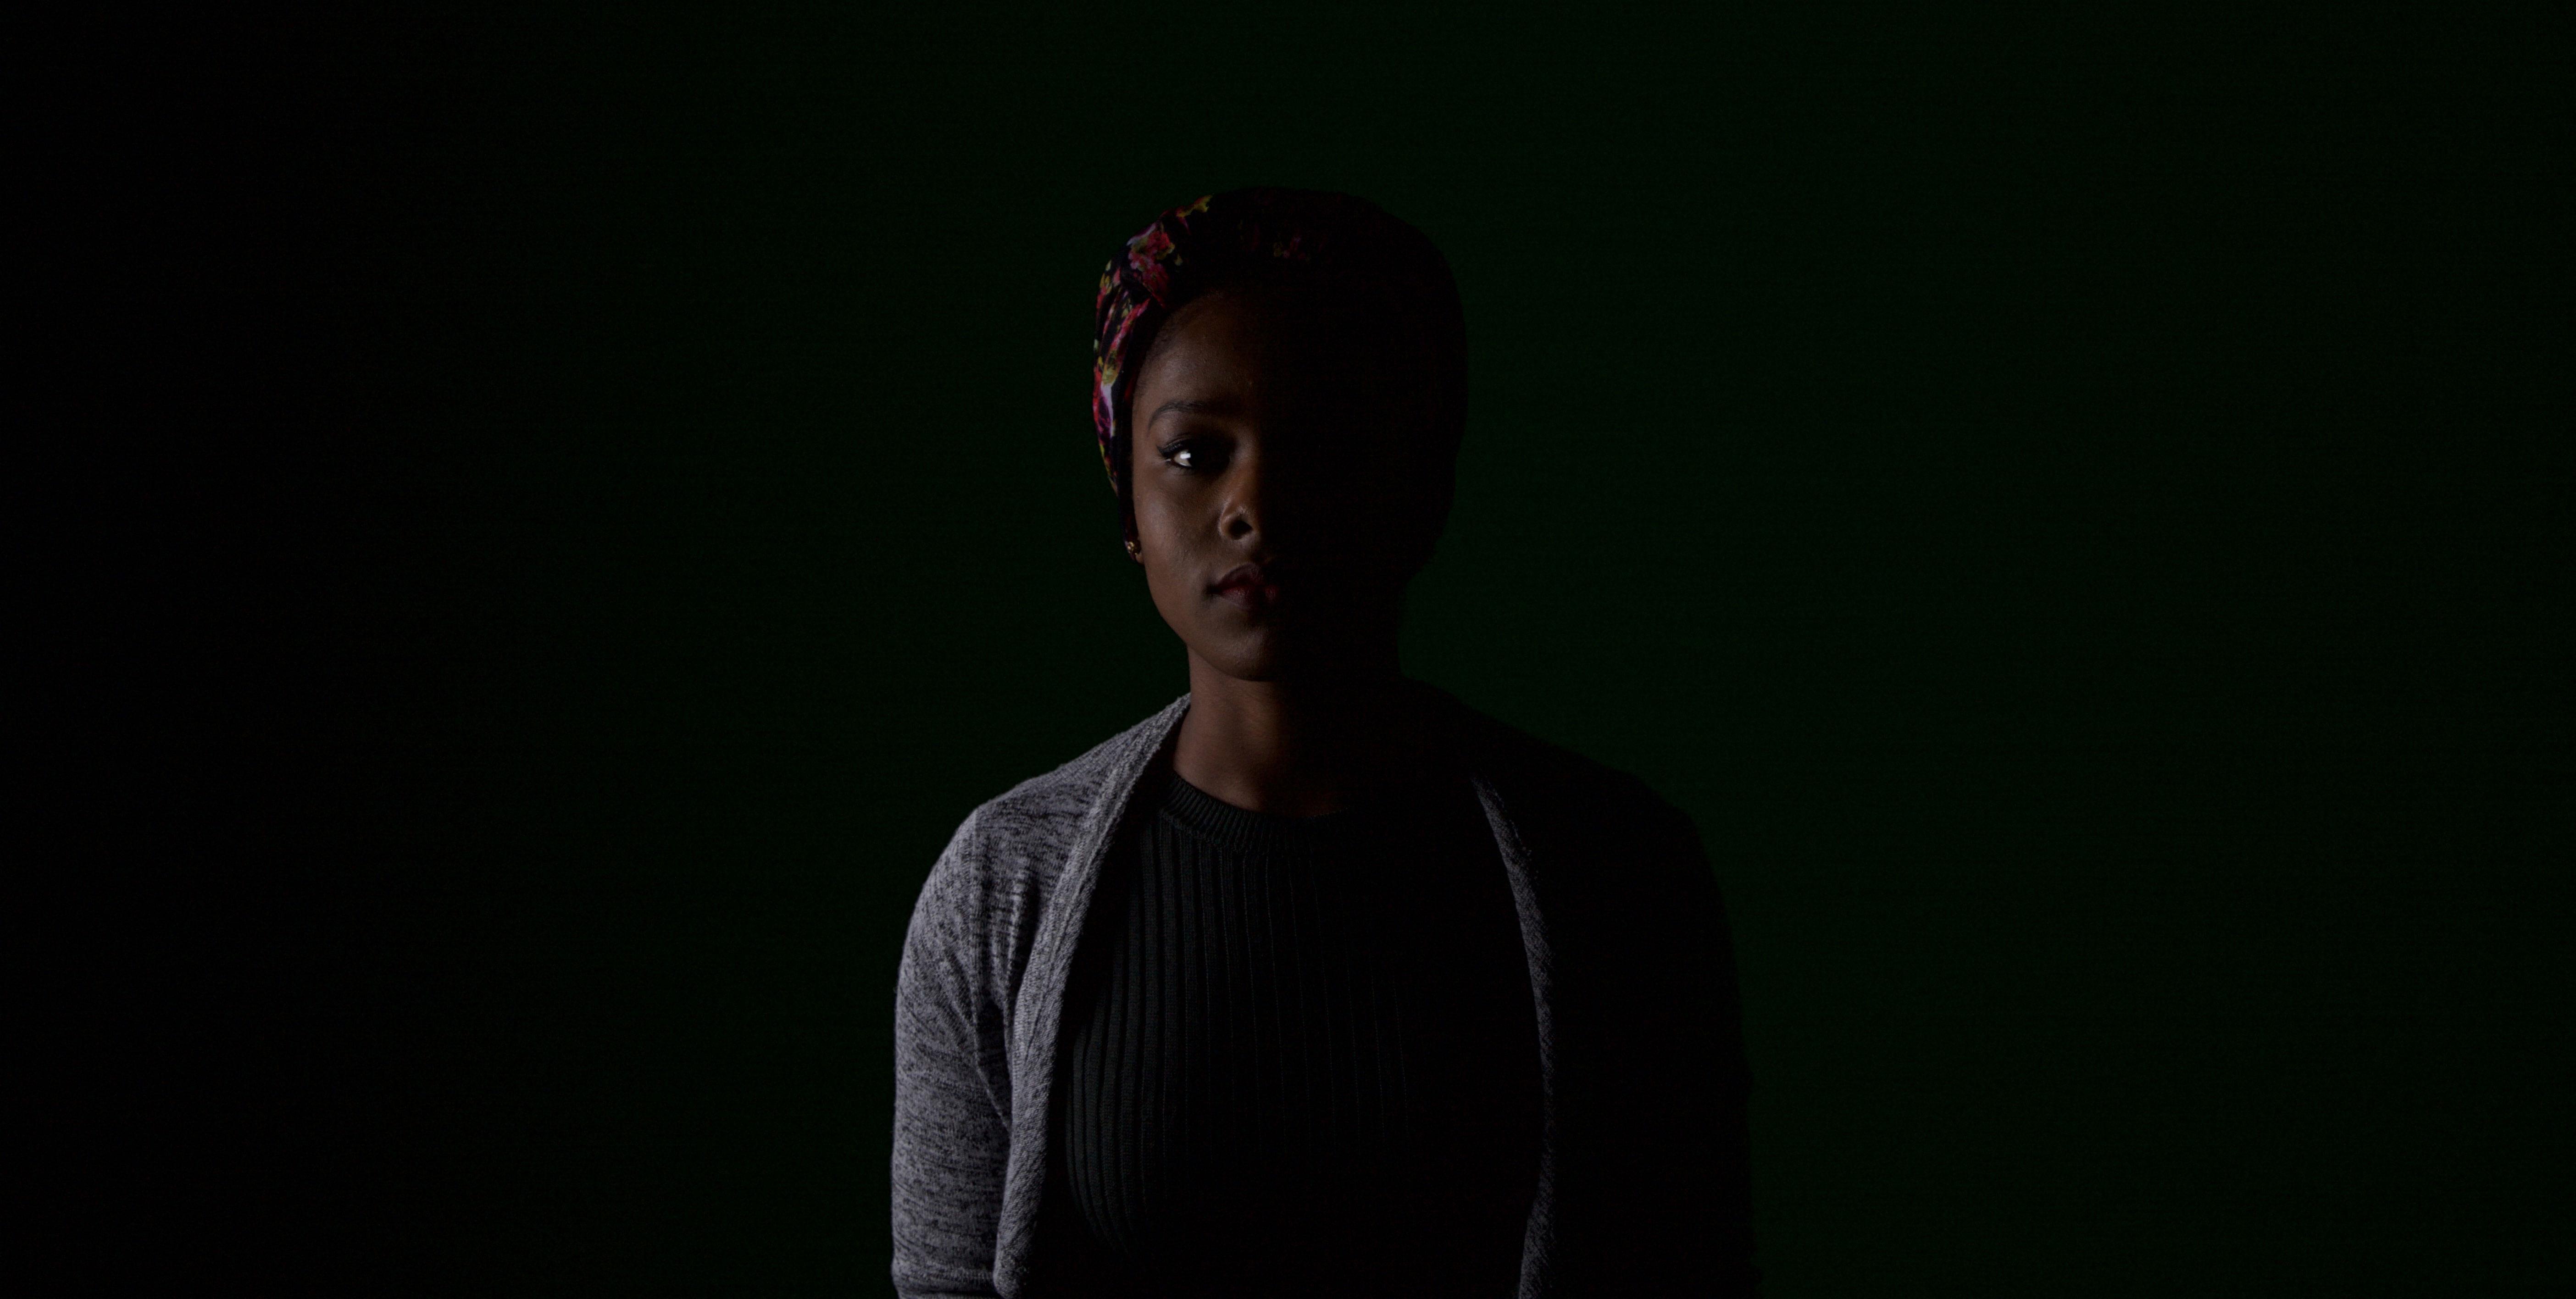 Om Star for Lifes arbete med jämställdhet i Sydafrika